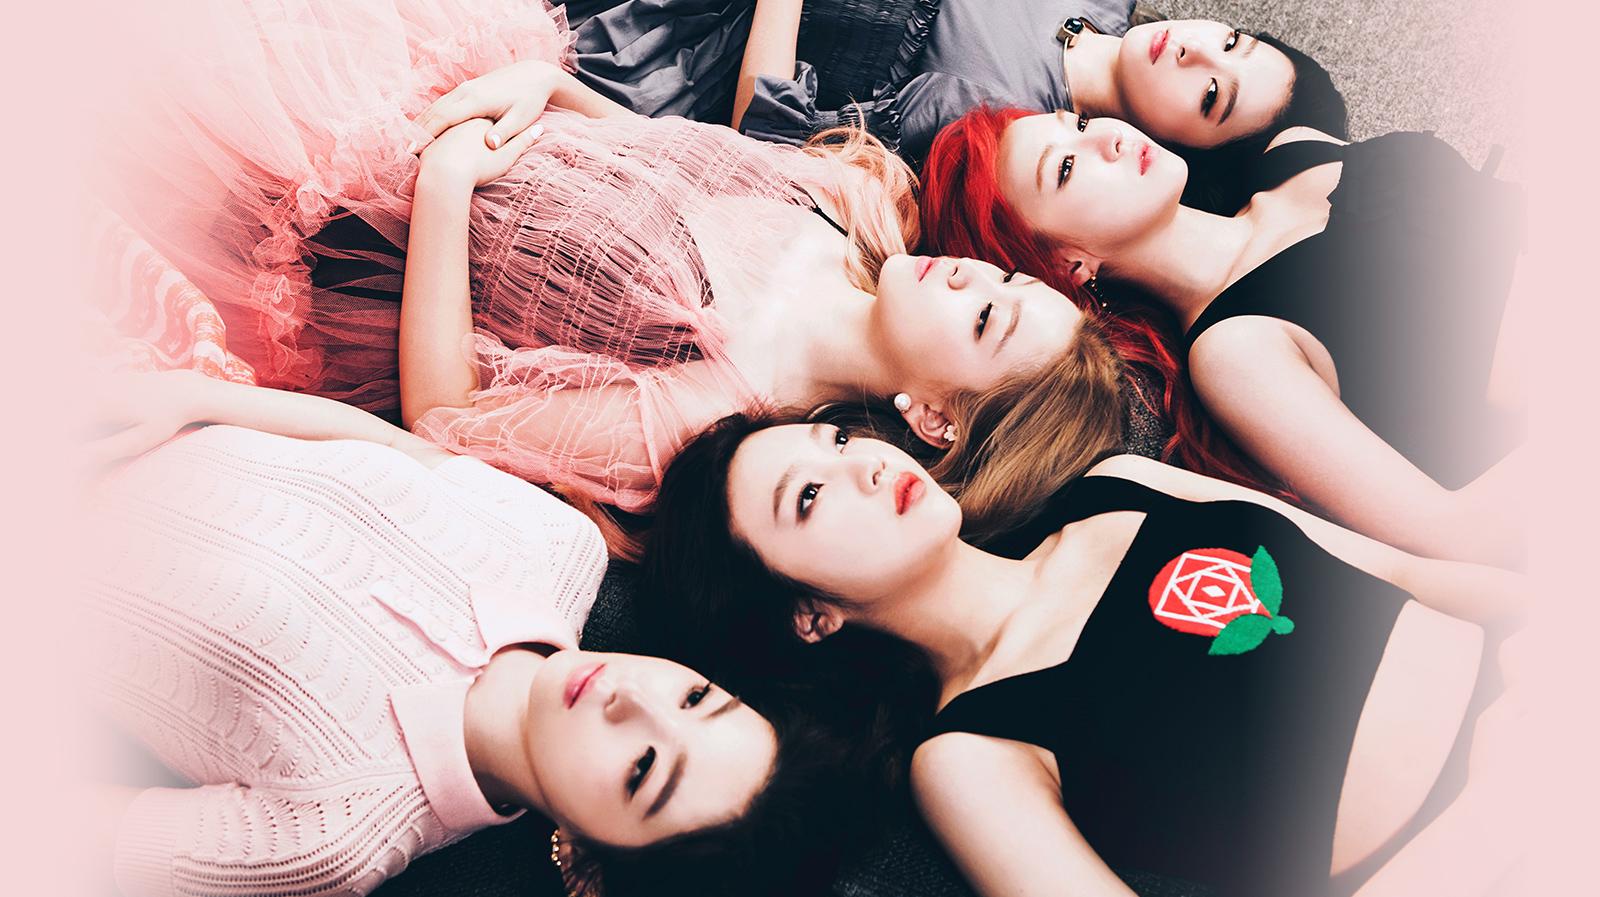 red velvet group